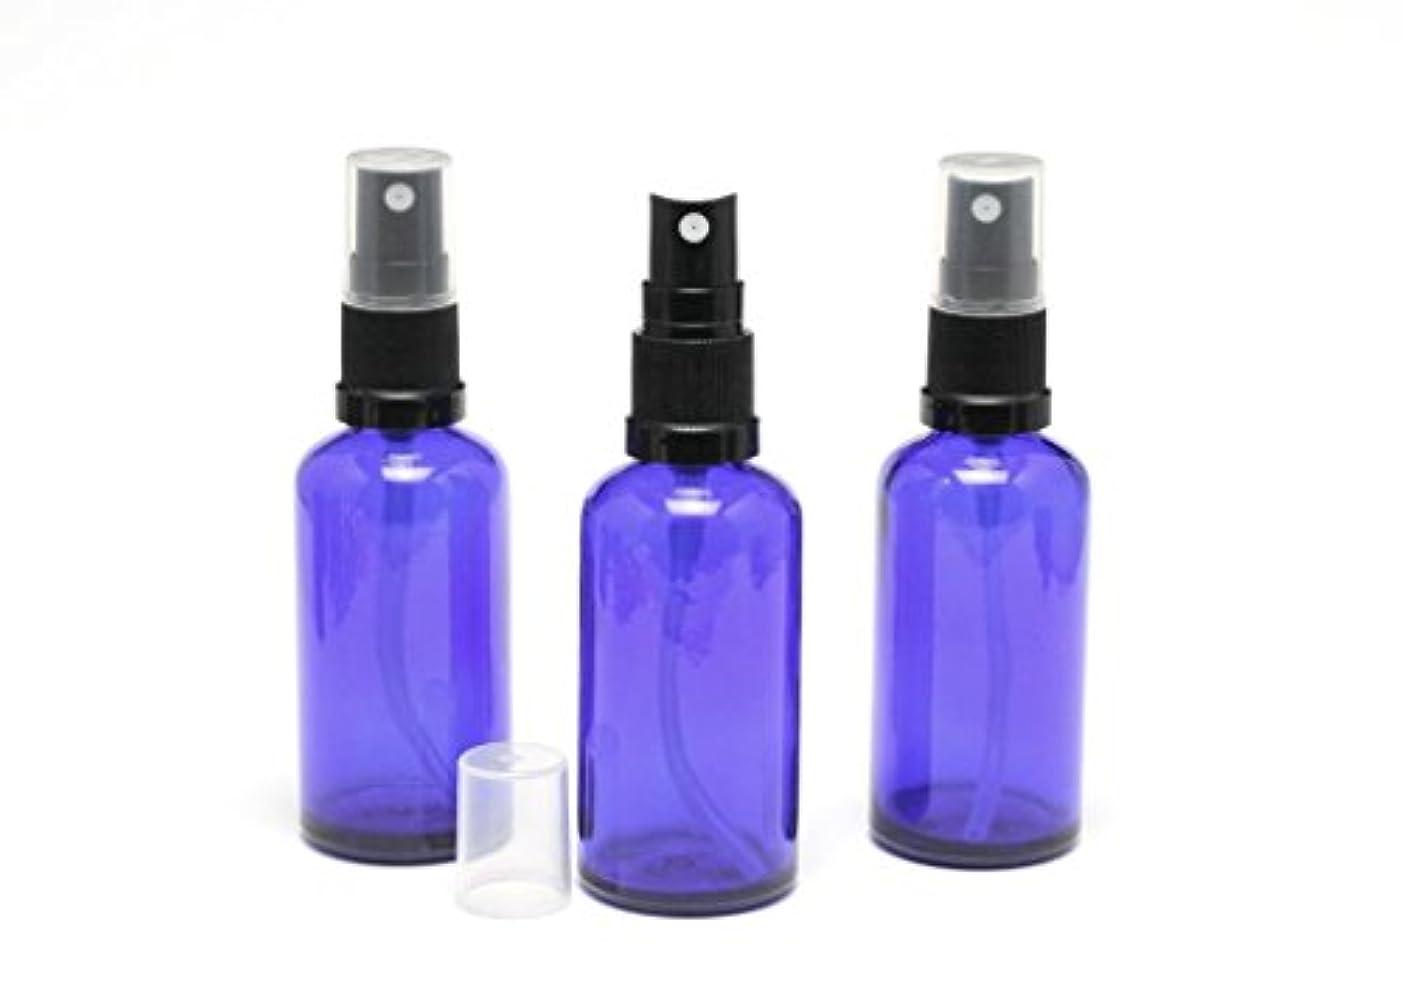 自動的に東部認可遮光瓶/スプレーボトル (グラス/アトマイザー) 50ml ブルー/ブラックヘッド 3本セット 【 新品アウトレットセール 】